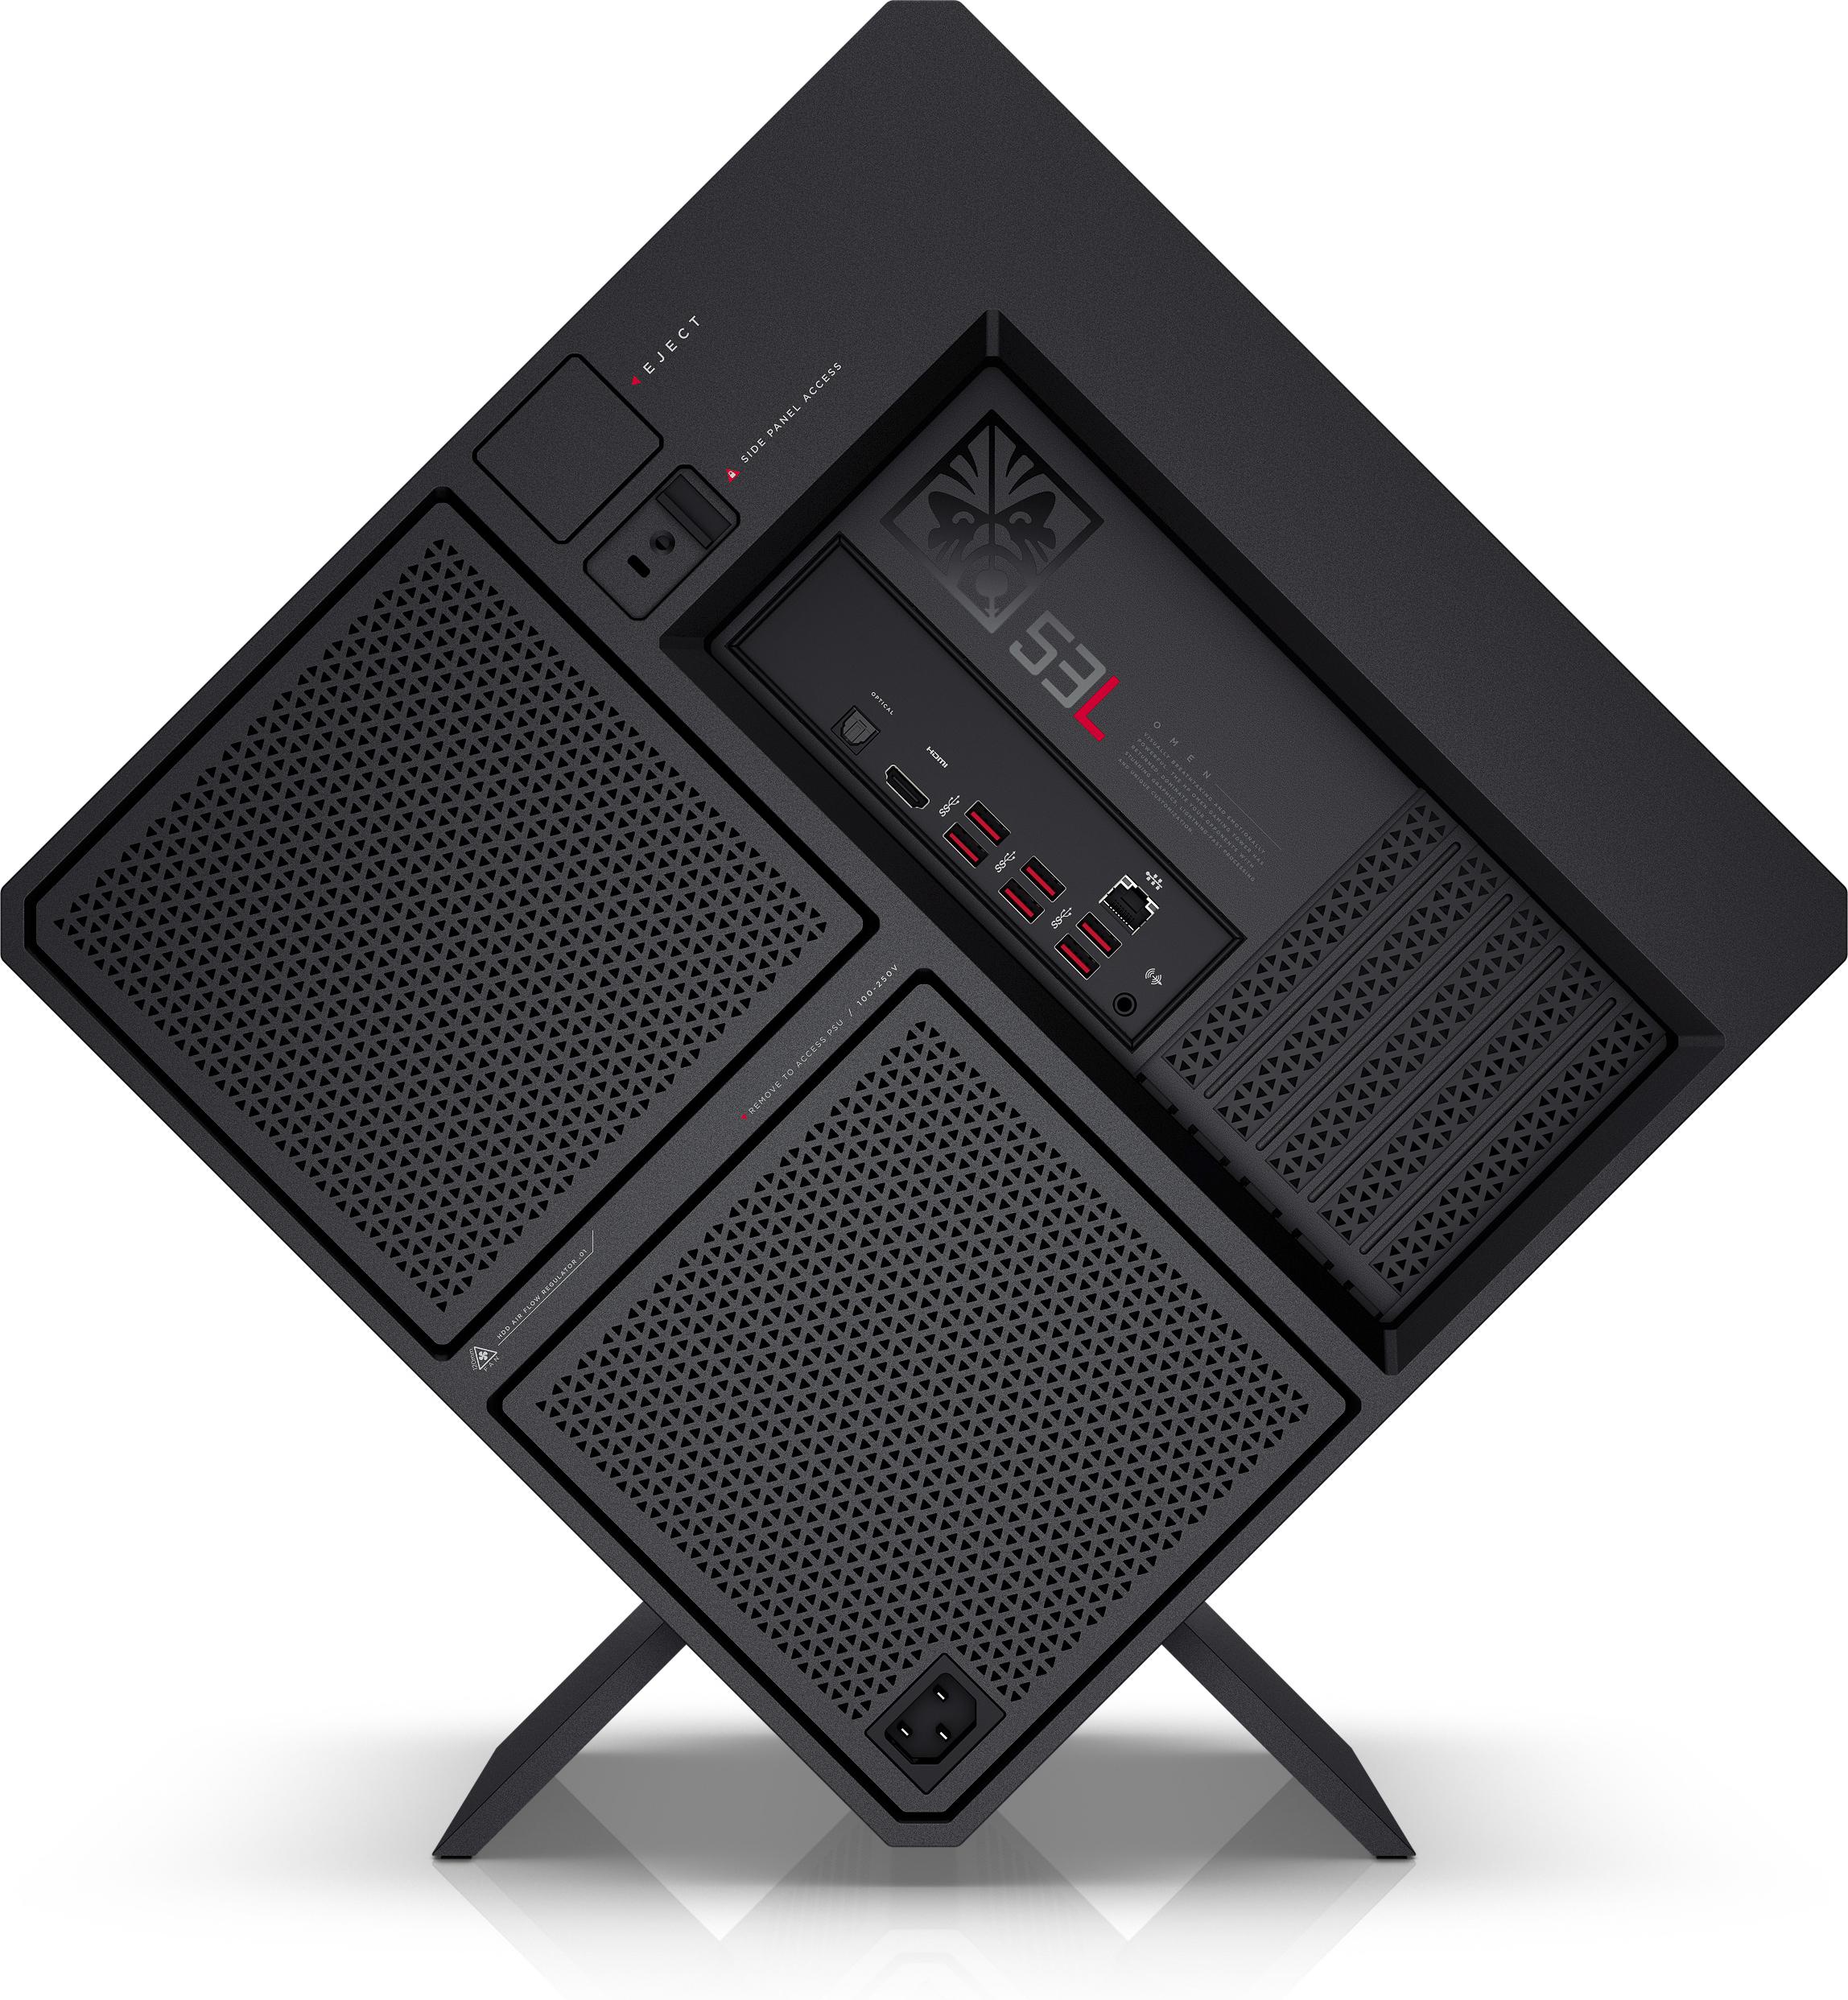 HP OMEN X 900-280nz 3.5GHz i7-7800X Scrivania Nero PC